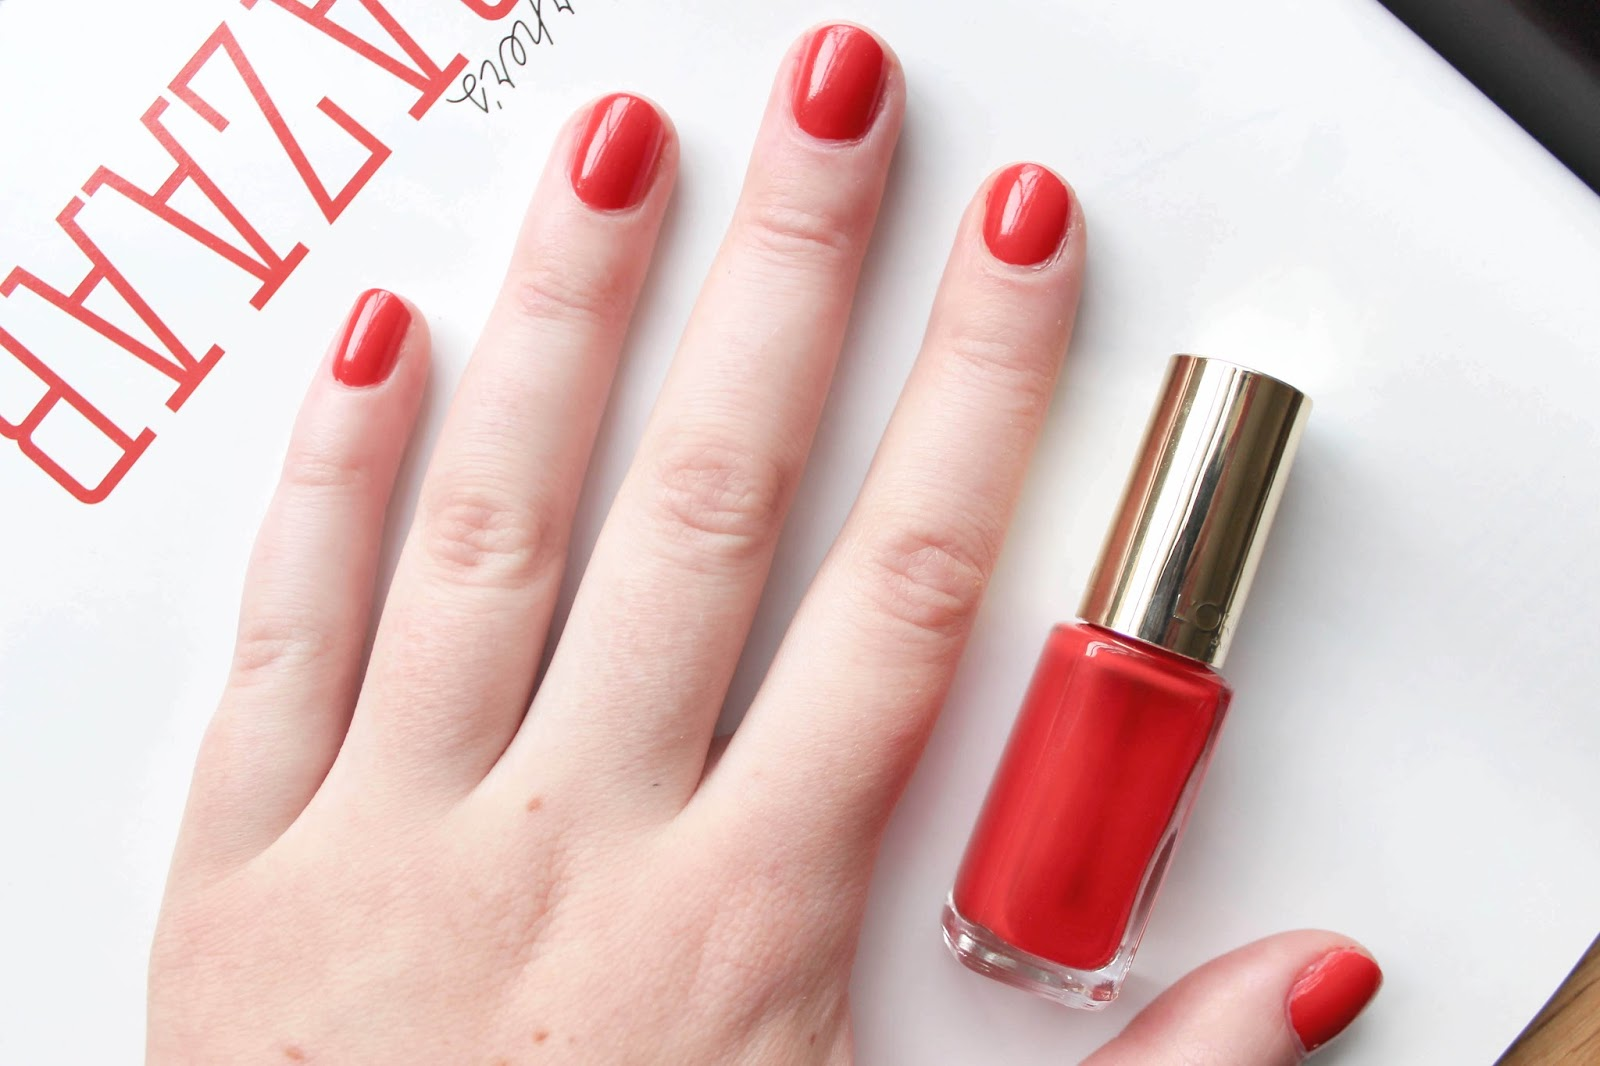 L'Oréal Color Riche Nail Polish in Exquisite Scarlet | A Little ...